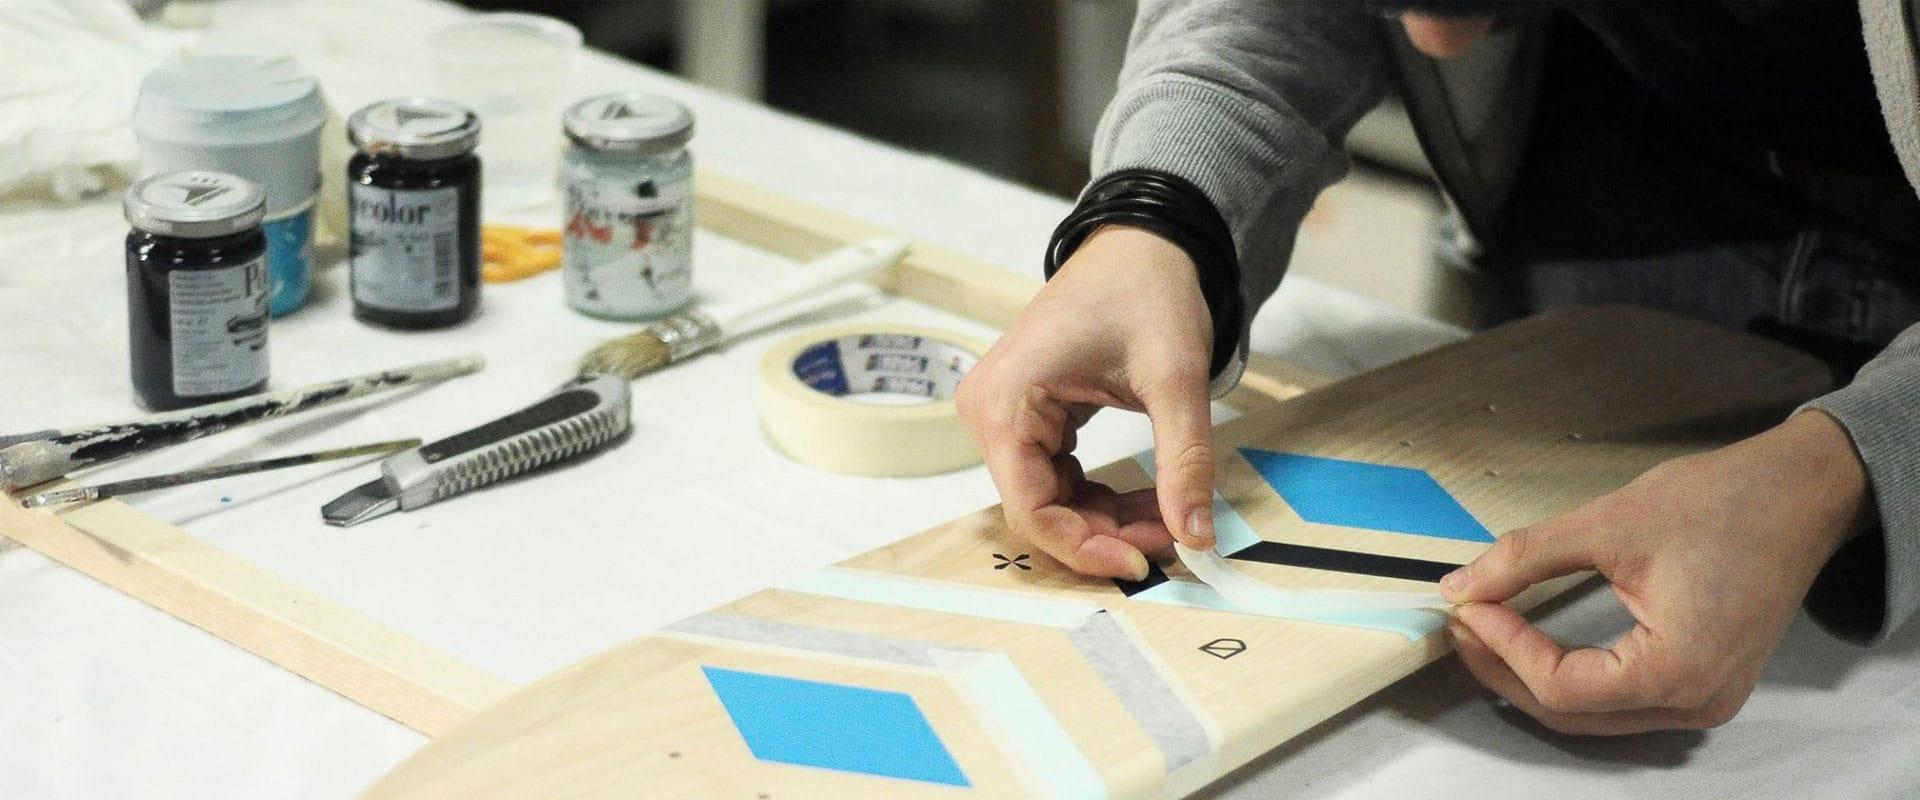 Atypical mentre crea una tavola da skate personalizzata